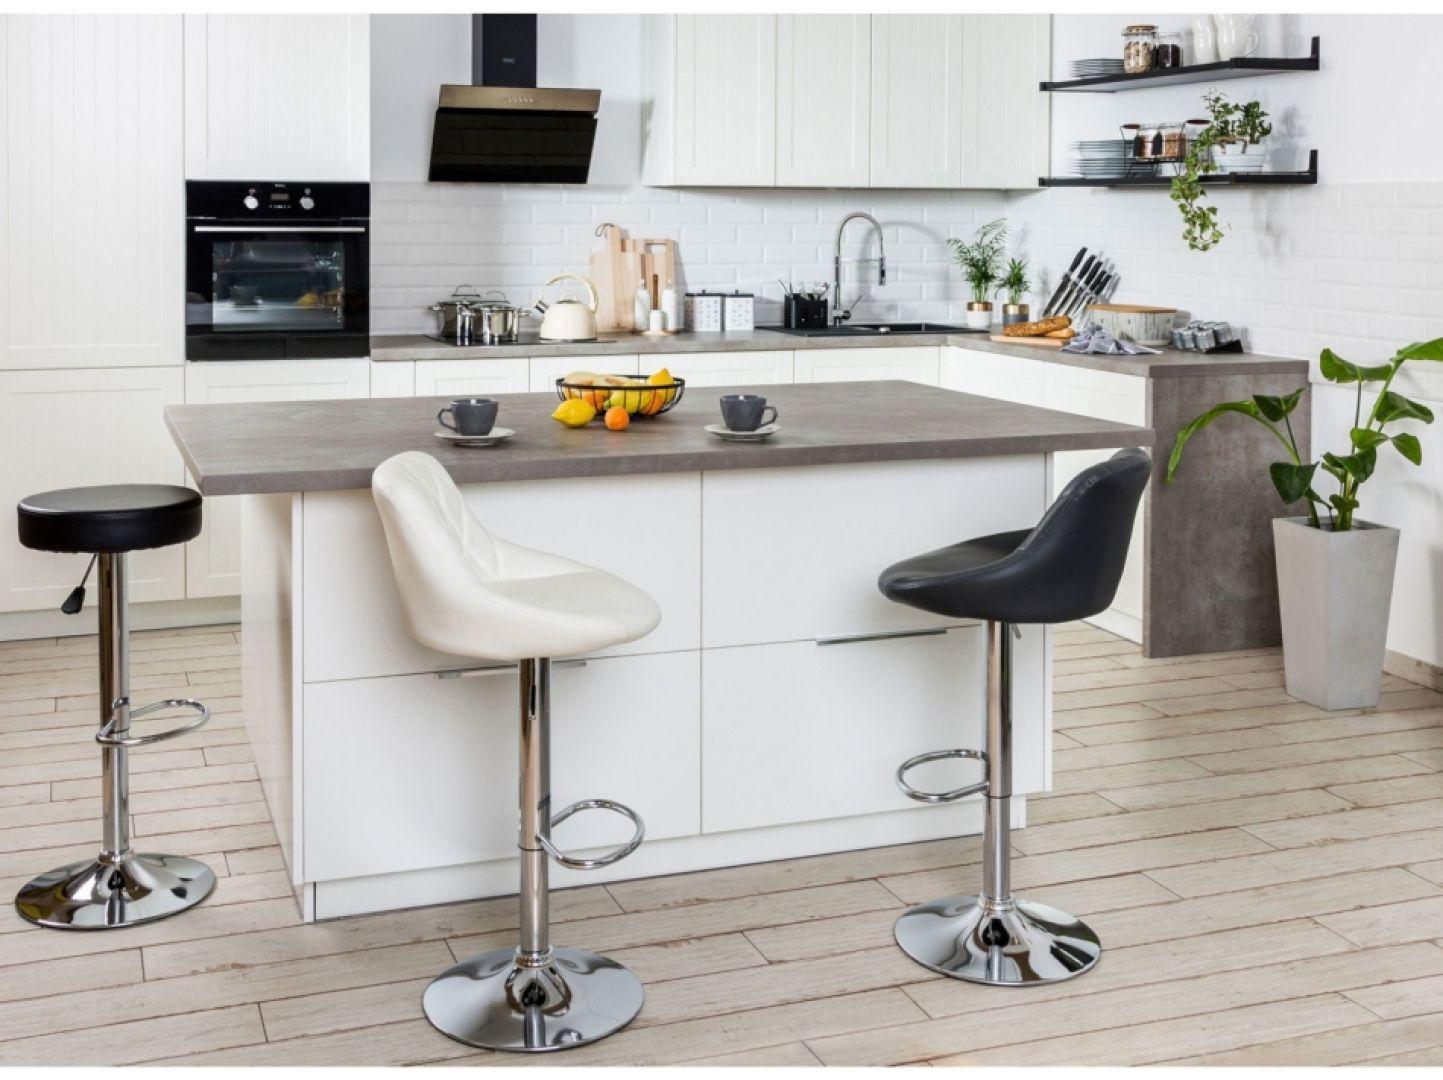 Właściwie dobrane, funkcjonalne meble pozwolą na odpowiednie ułożenie produktów, zachowanie porządku, a także wygodniejsze użytkowanie przestrzeni kuchennej. Fot. Agata